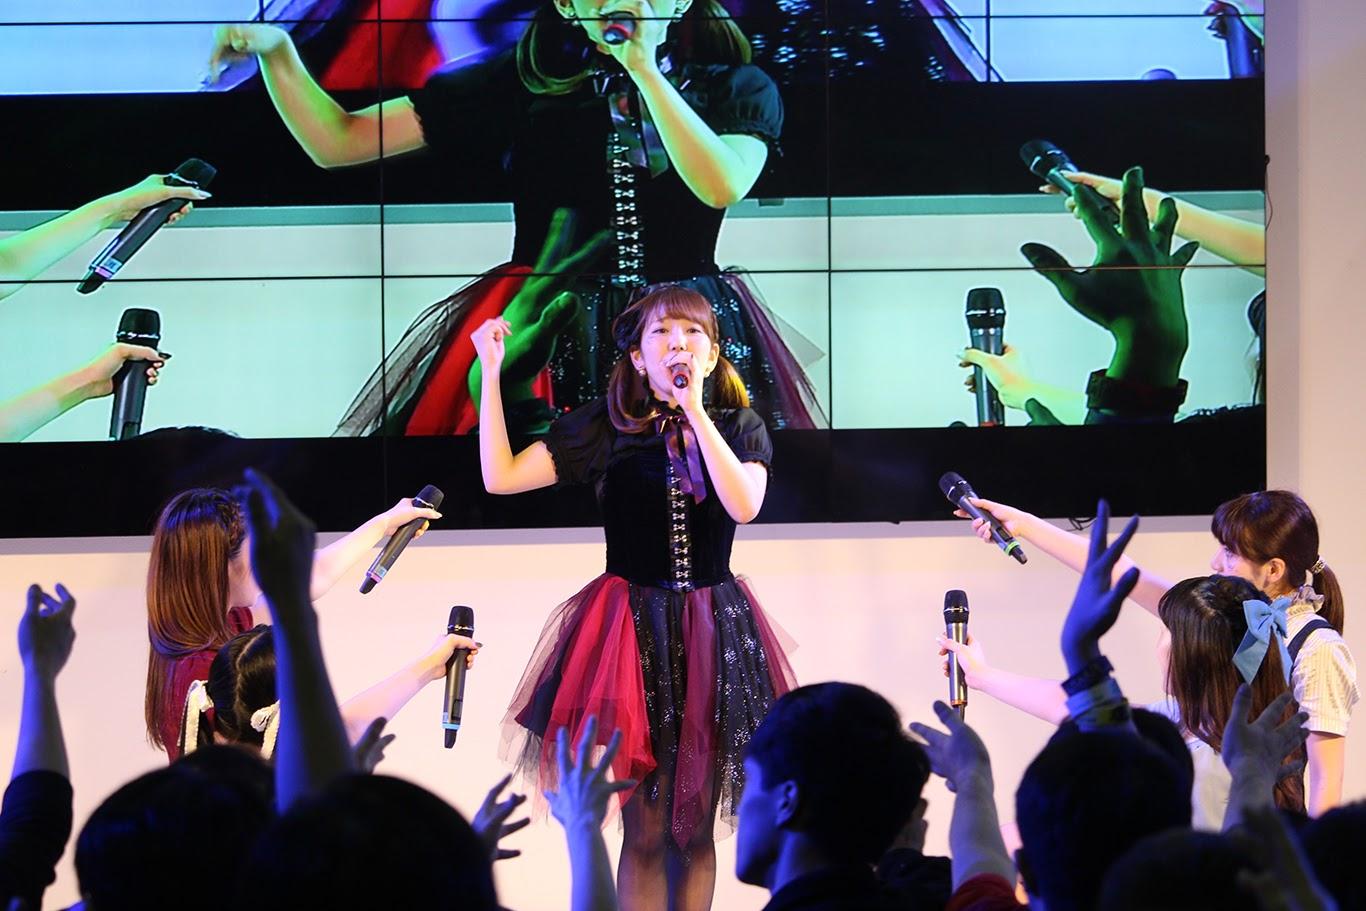 【迷迷現場】STARMARIE第13次訪台演出 讓台灣歌迷如癡如醉!